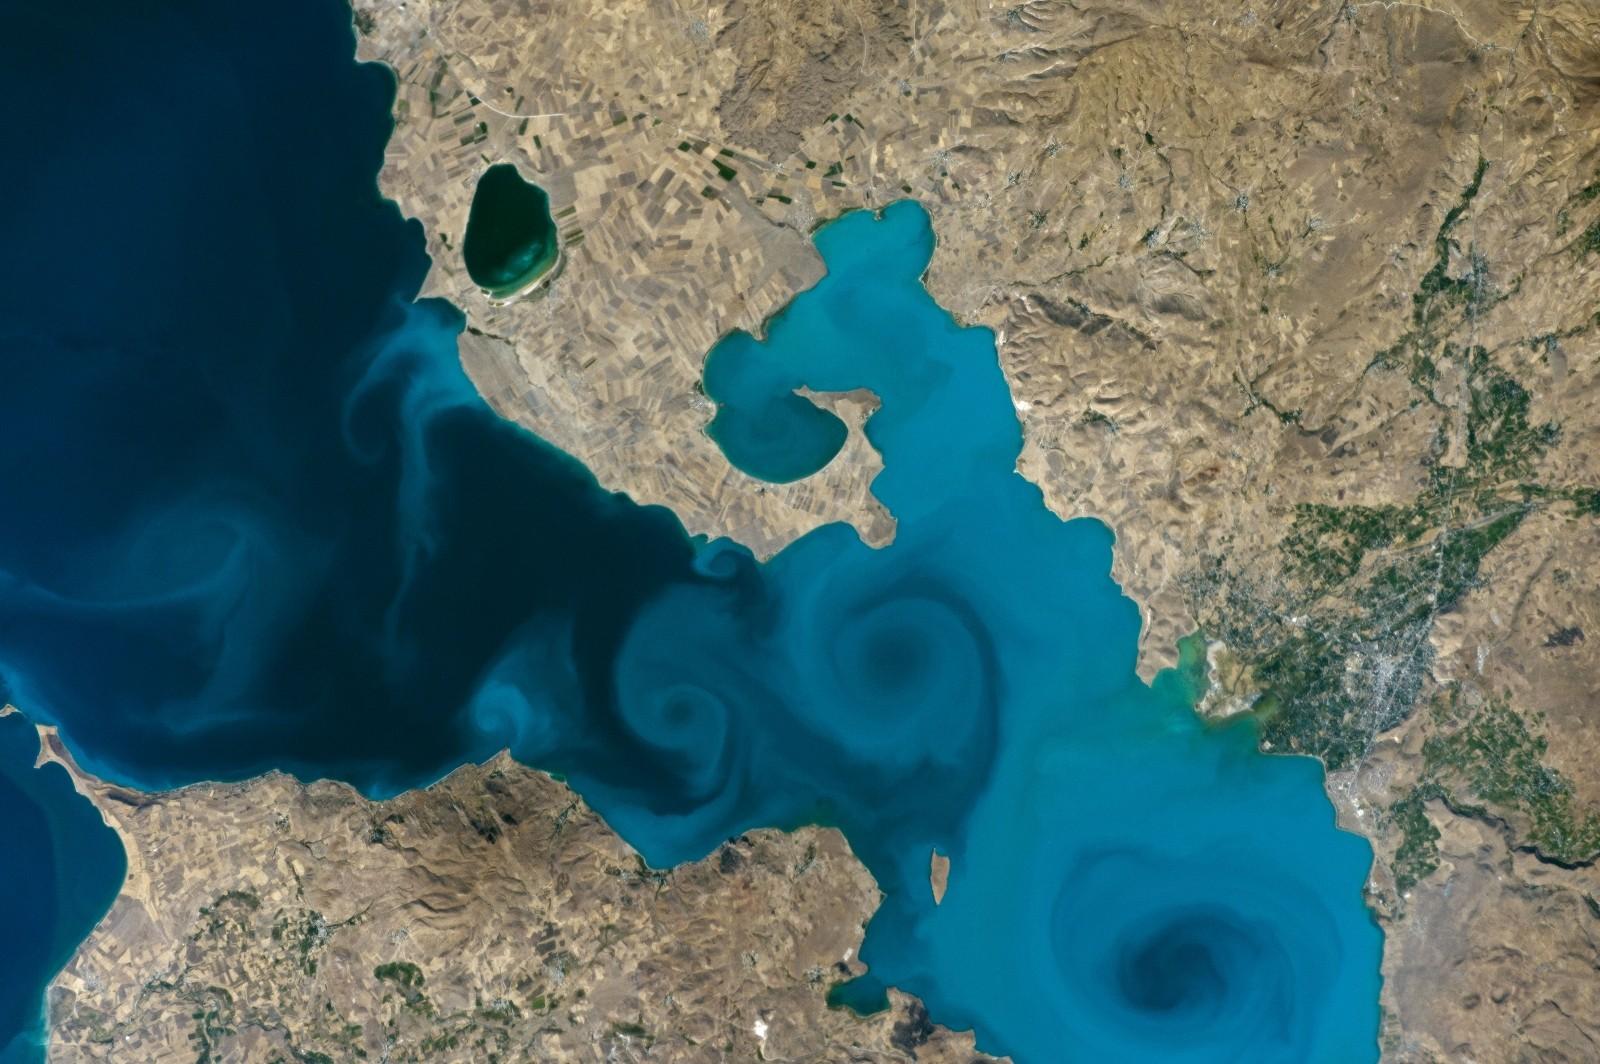 Meşhur fotoğrafı çekmişti! Van Gölü'nün uzaydan fotoğrafını çeken astronot dünyaya döndü